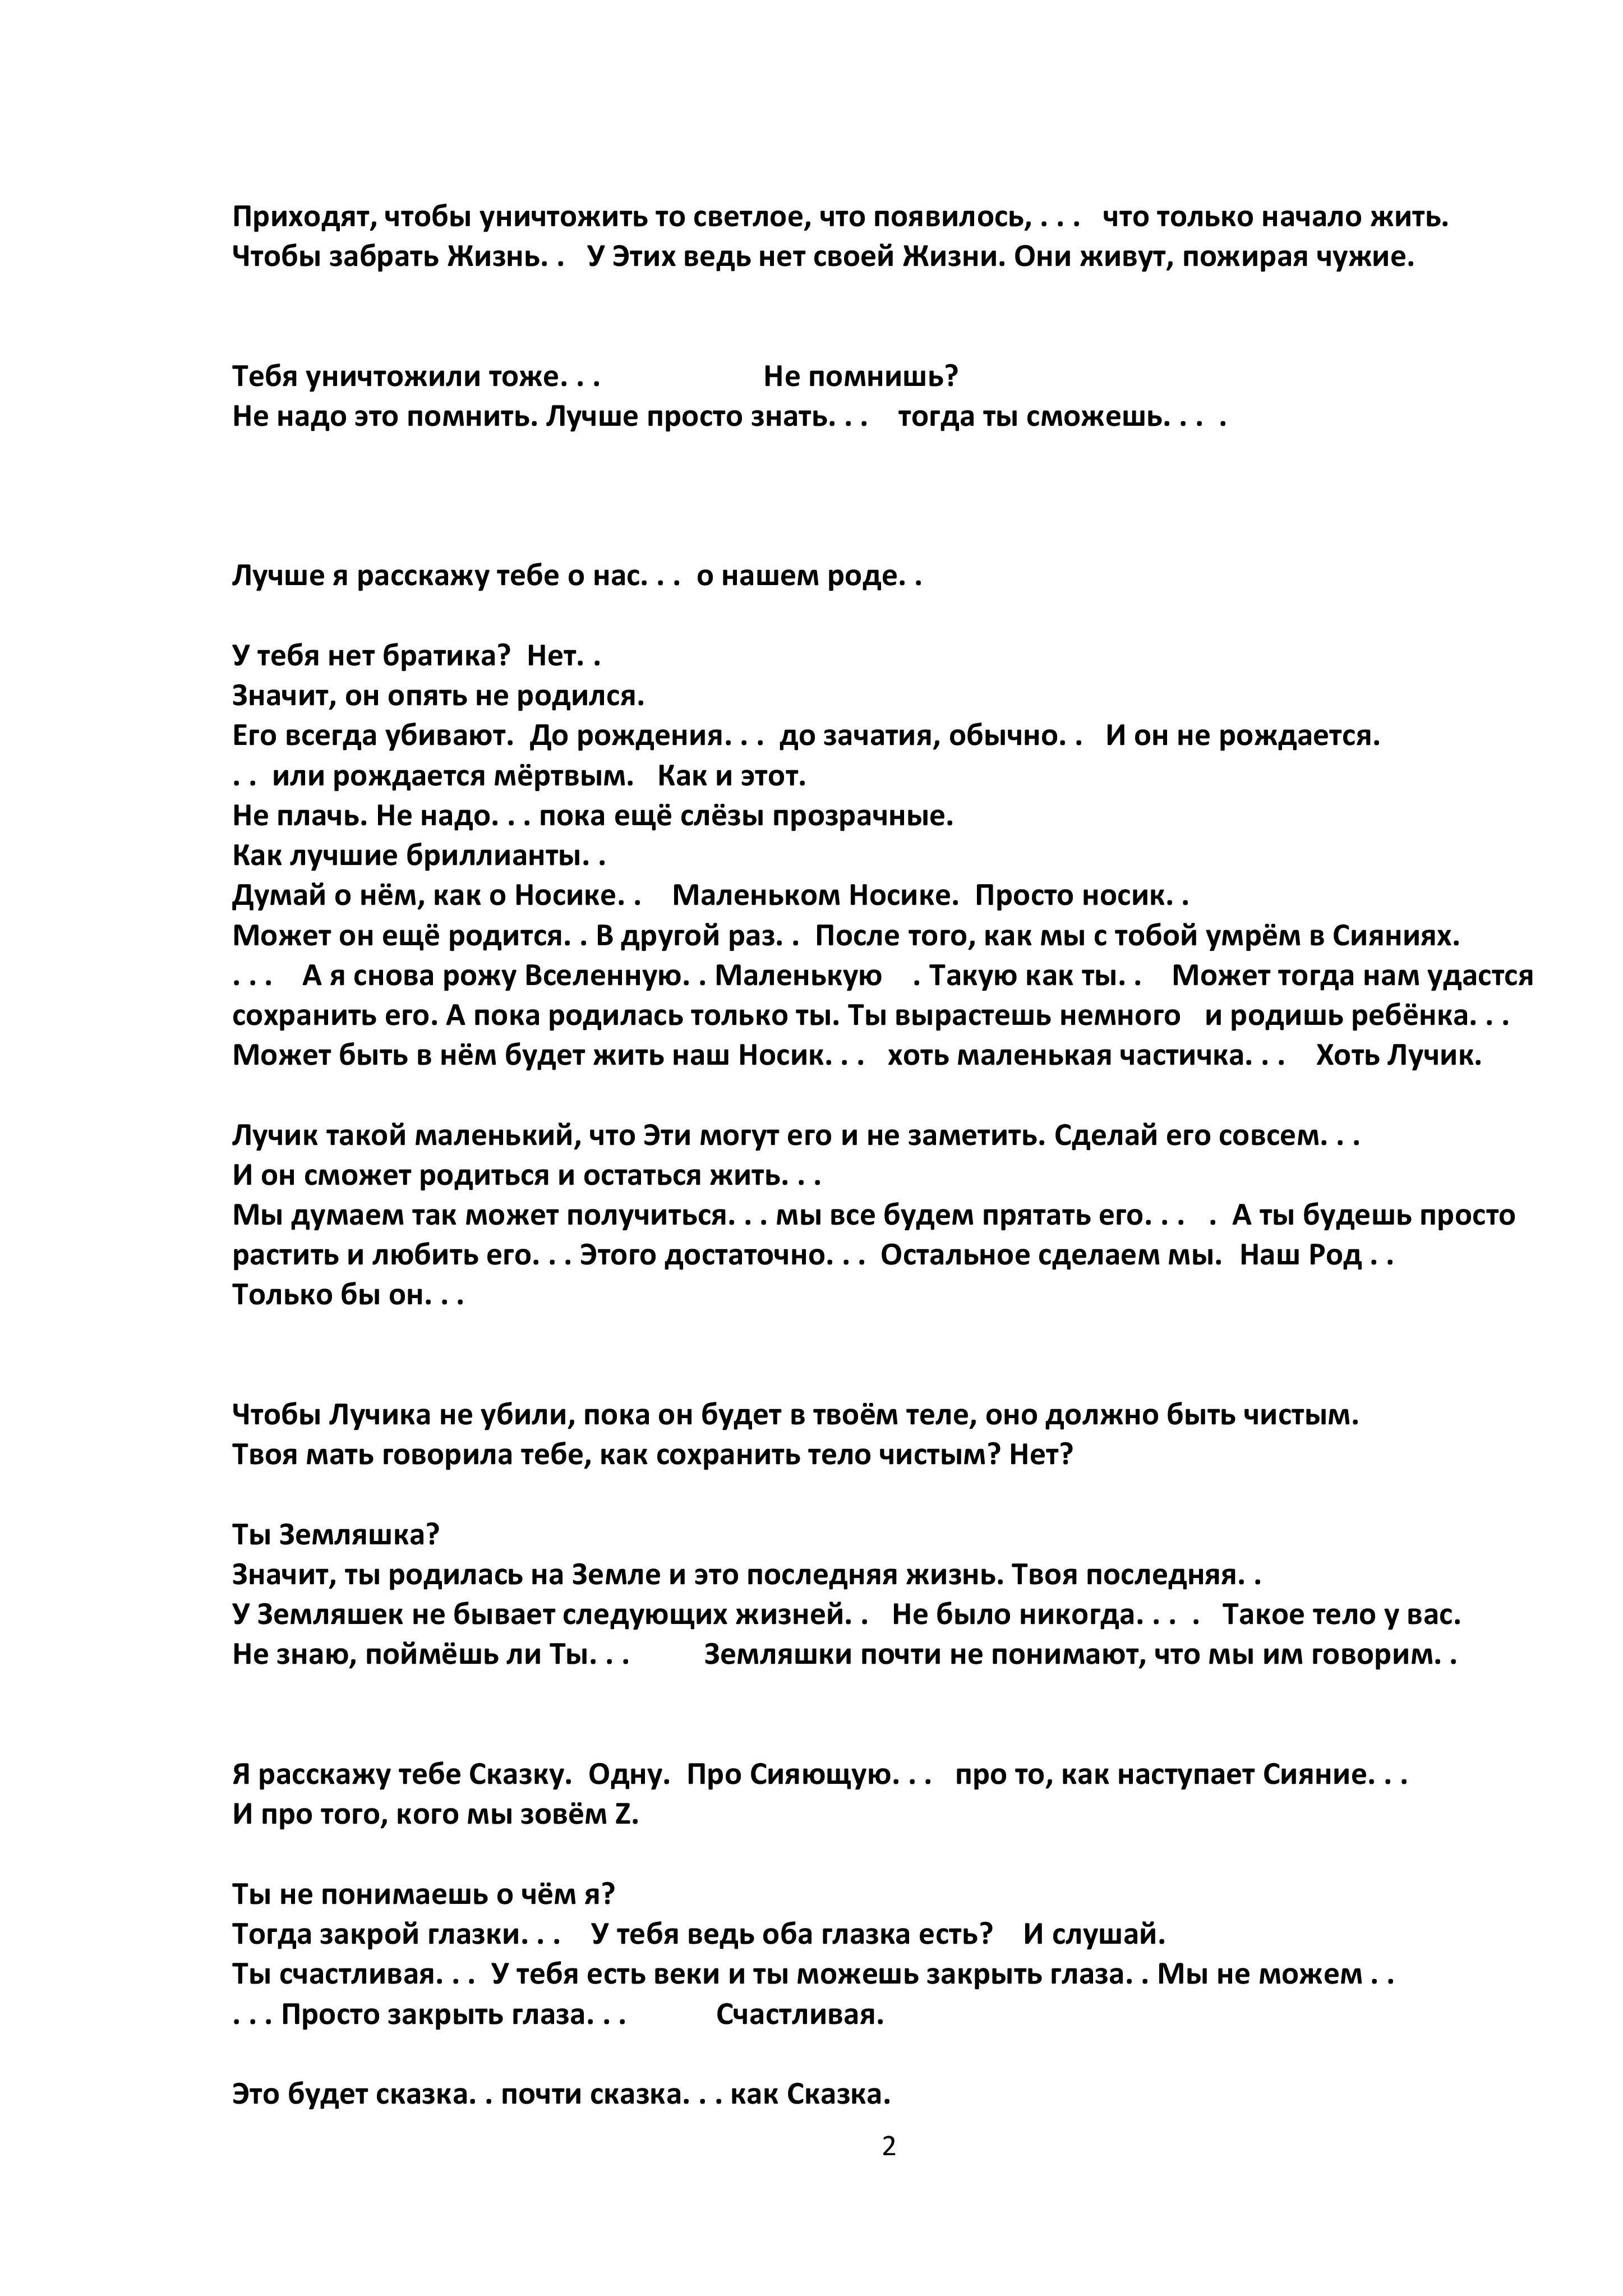 Сказка-доченьке-002-1